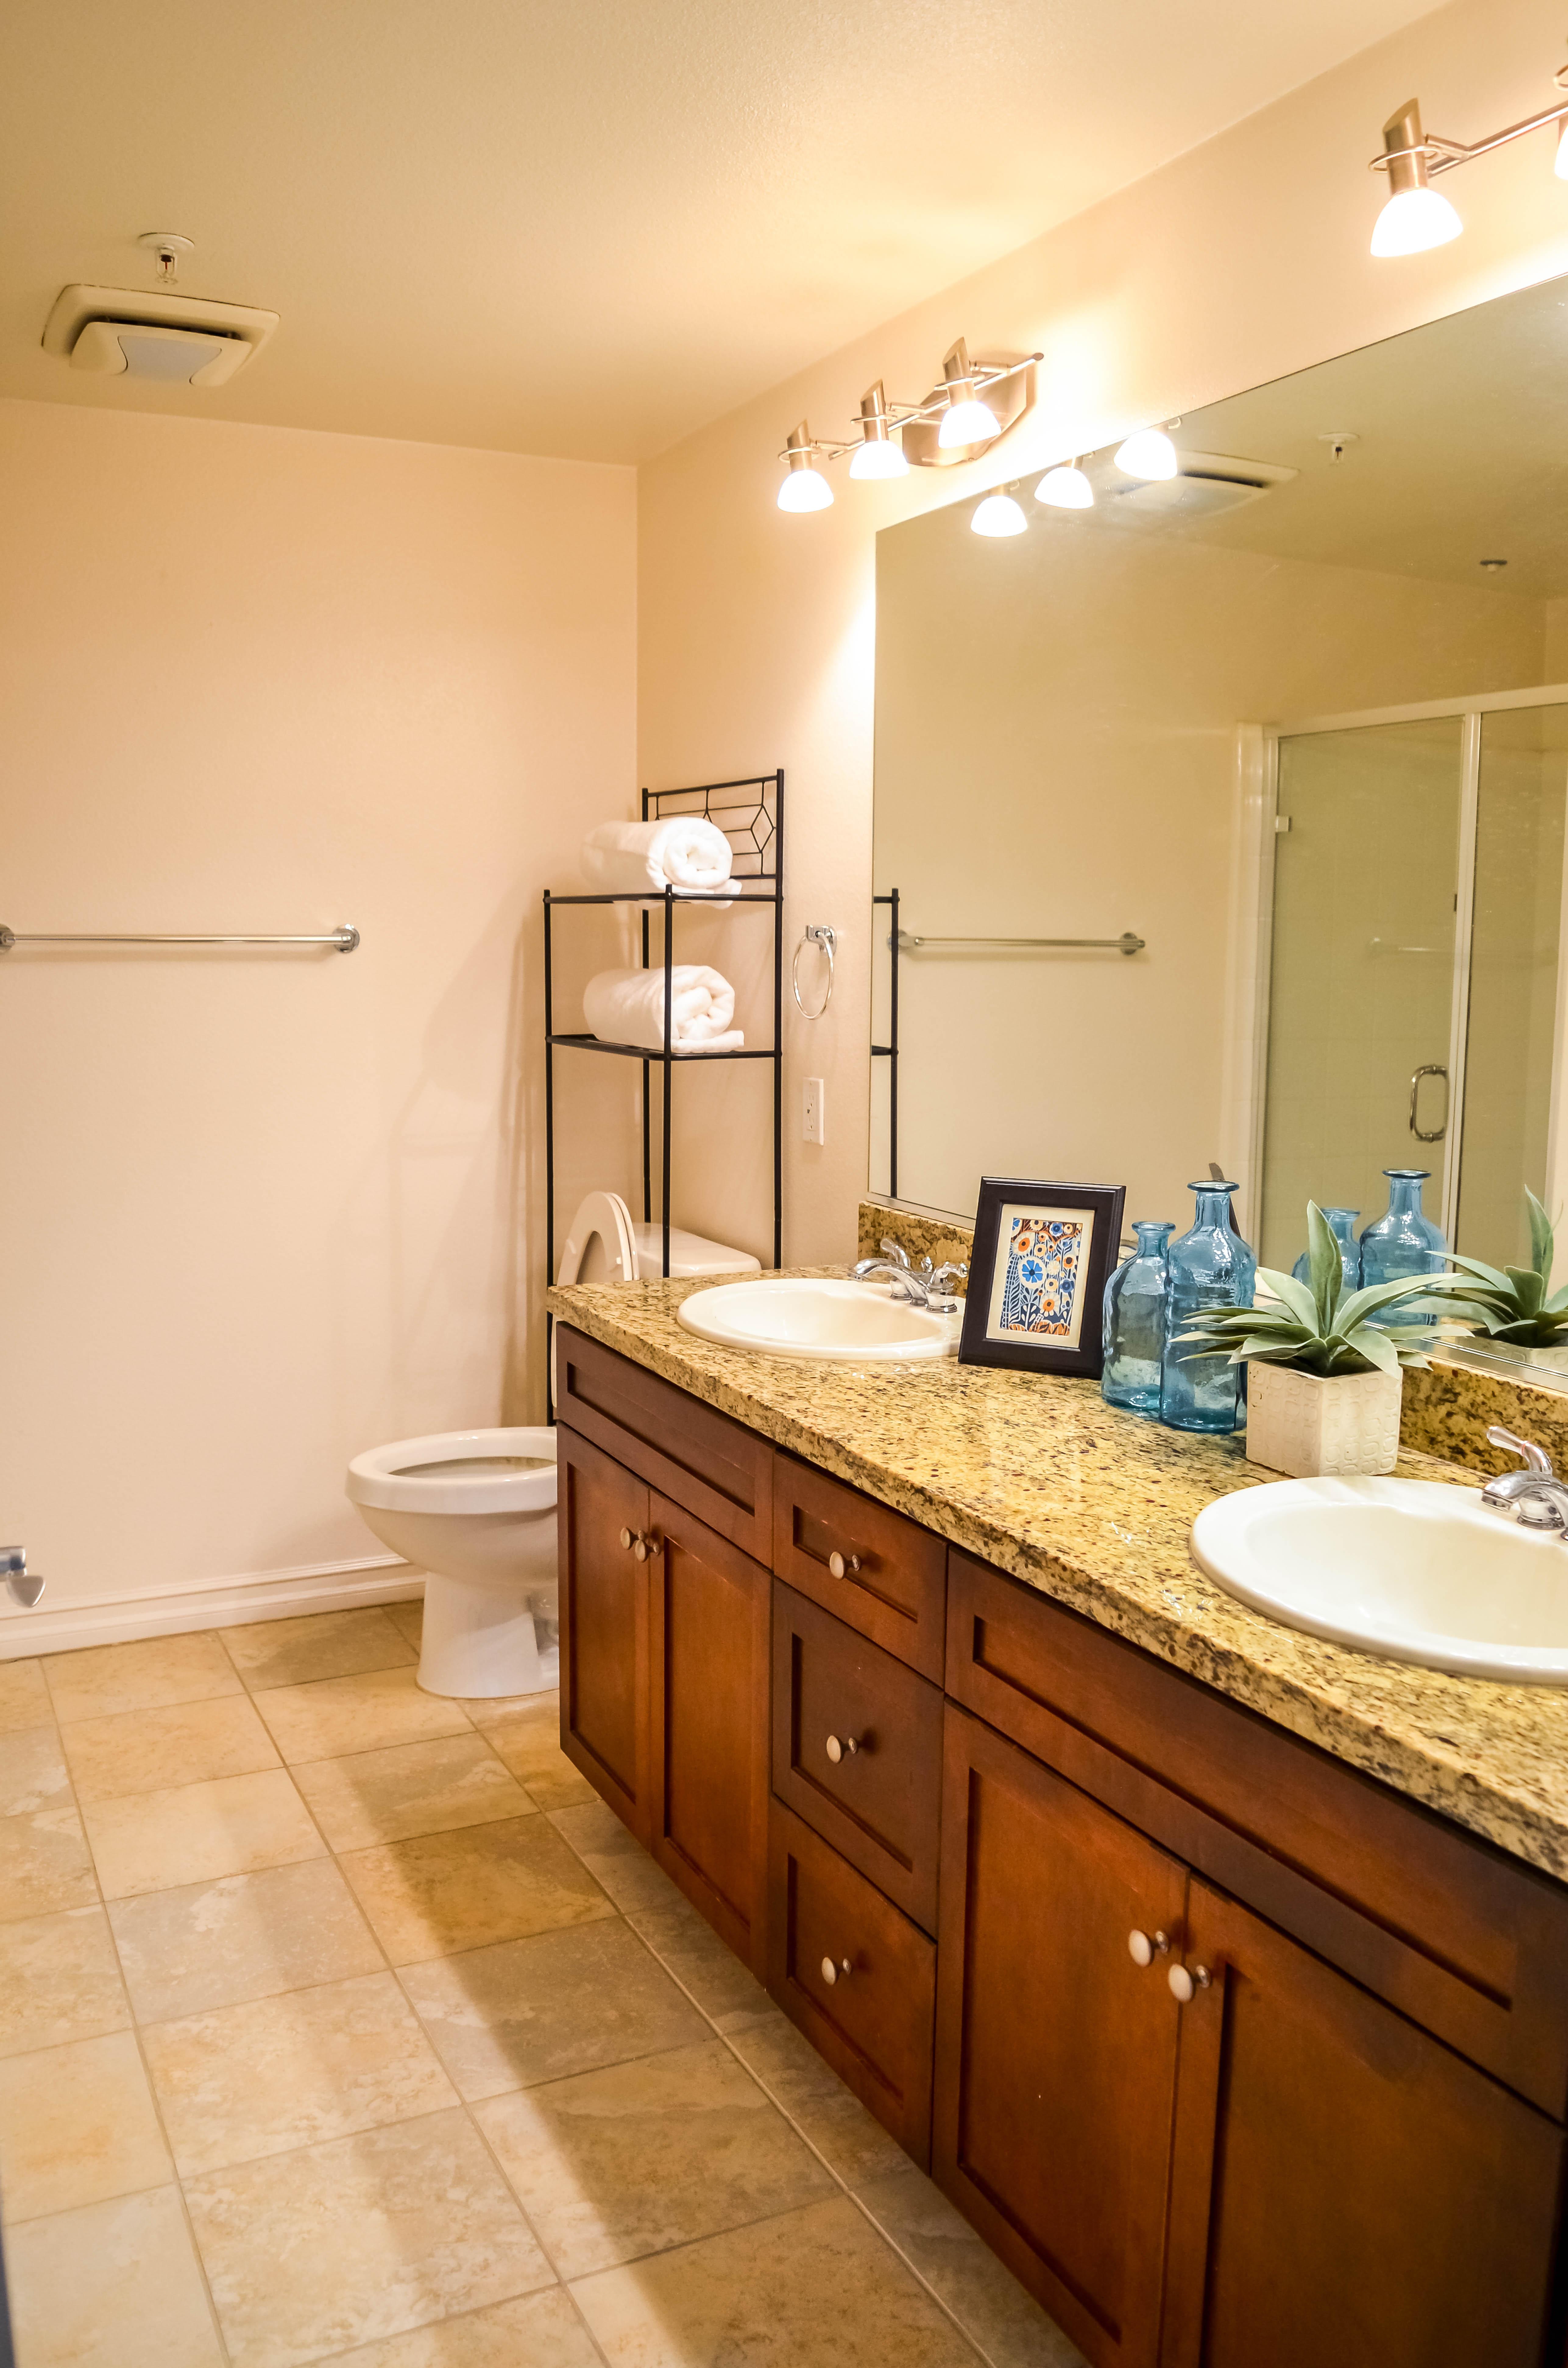 MURA upstair bathroom u